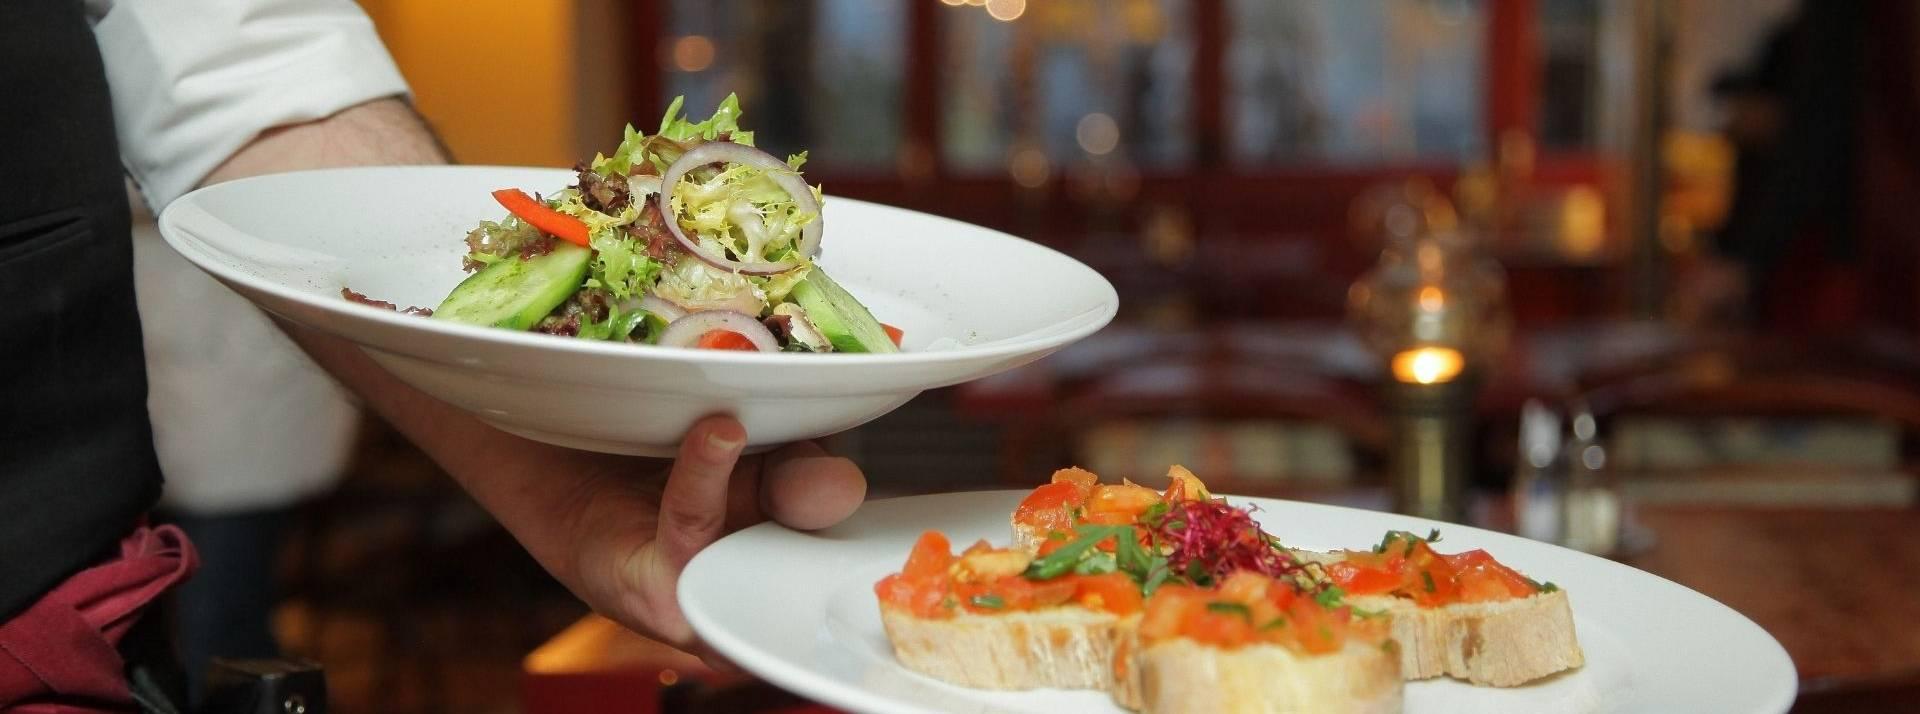 Serveur avec 2 assiettes dans la main